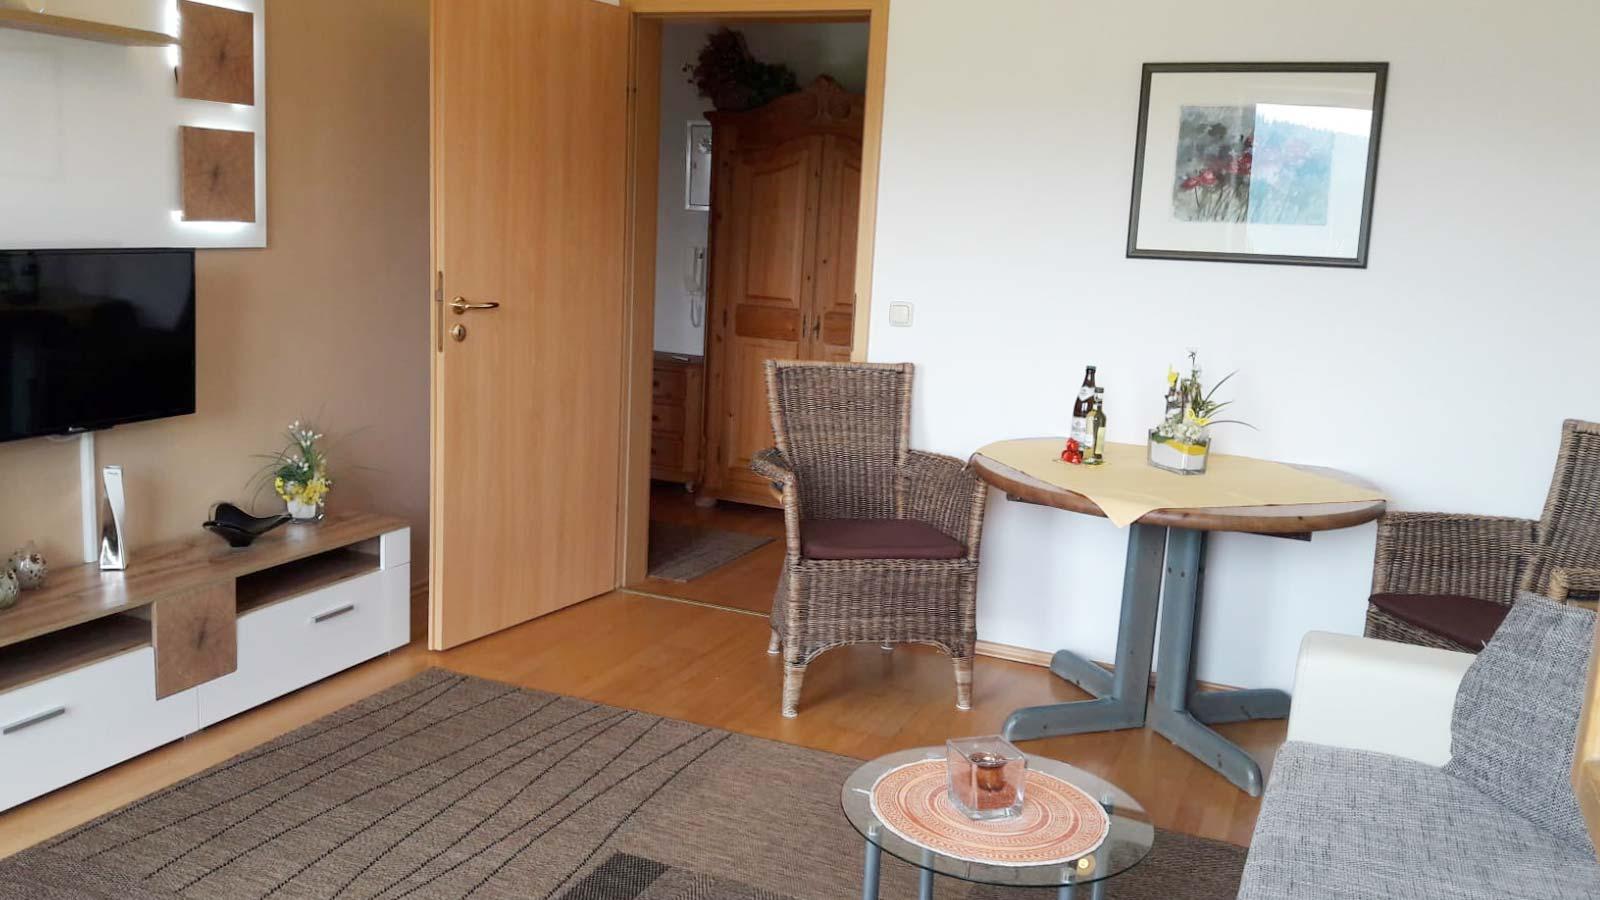 Wohnzimmer der Ferienwohnung in Bodenmais